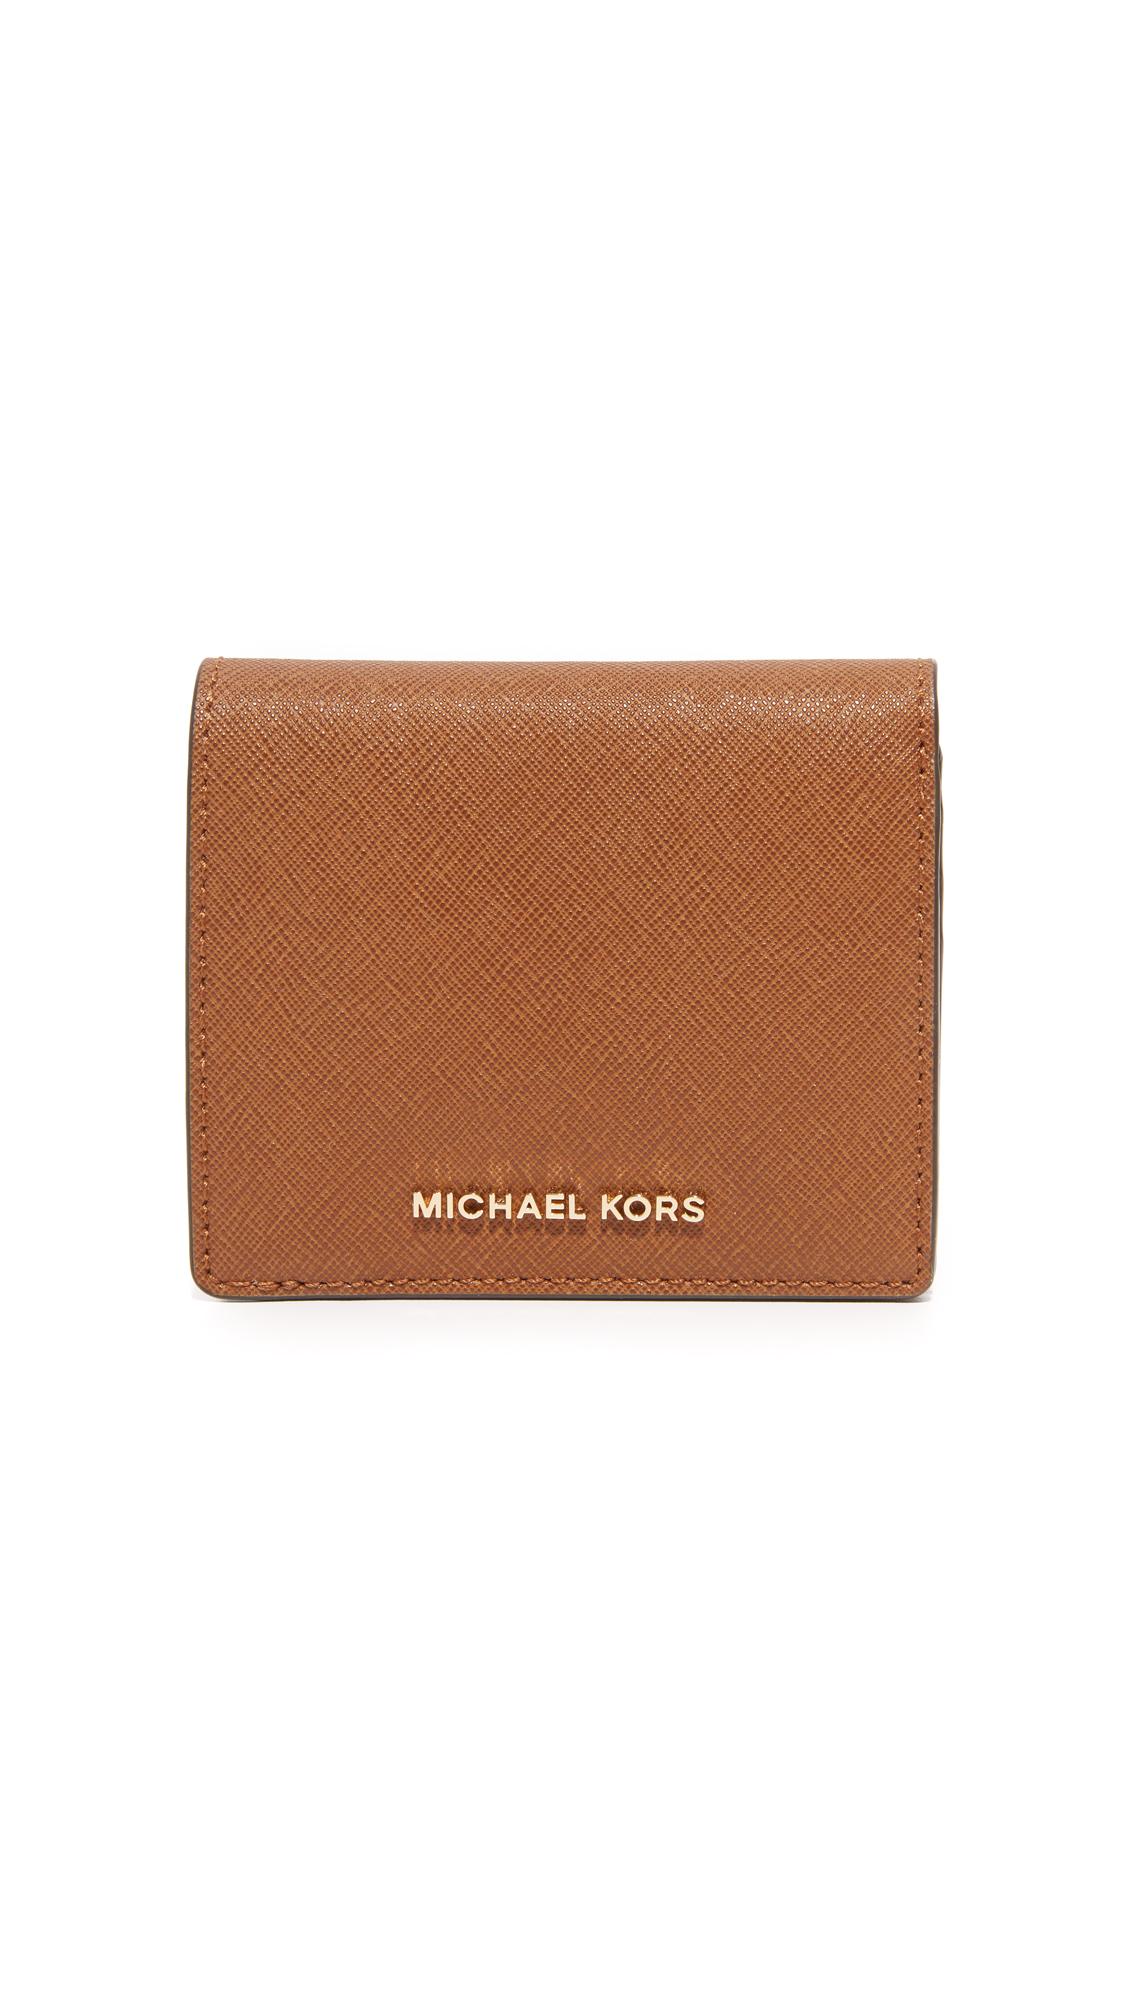 Michael Kors Iphone  Wallet Uk